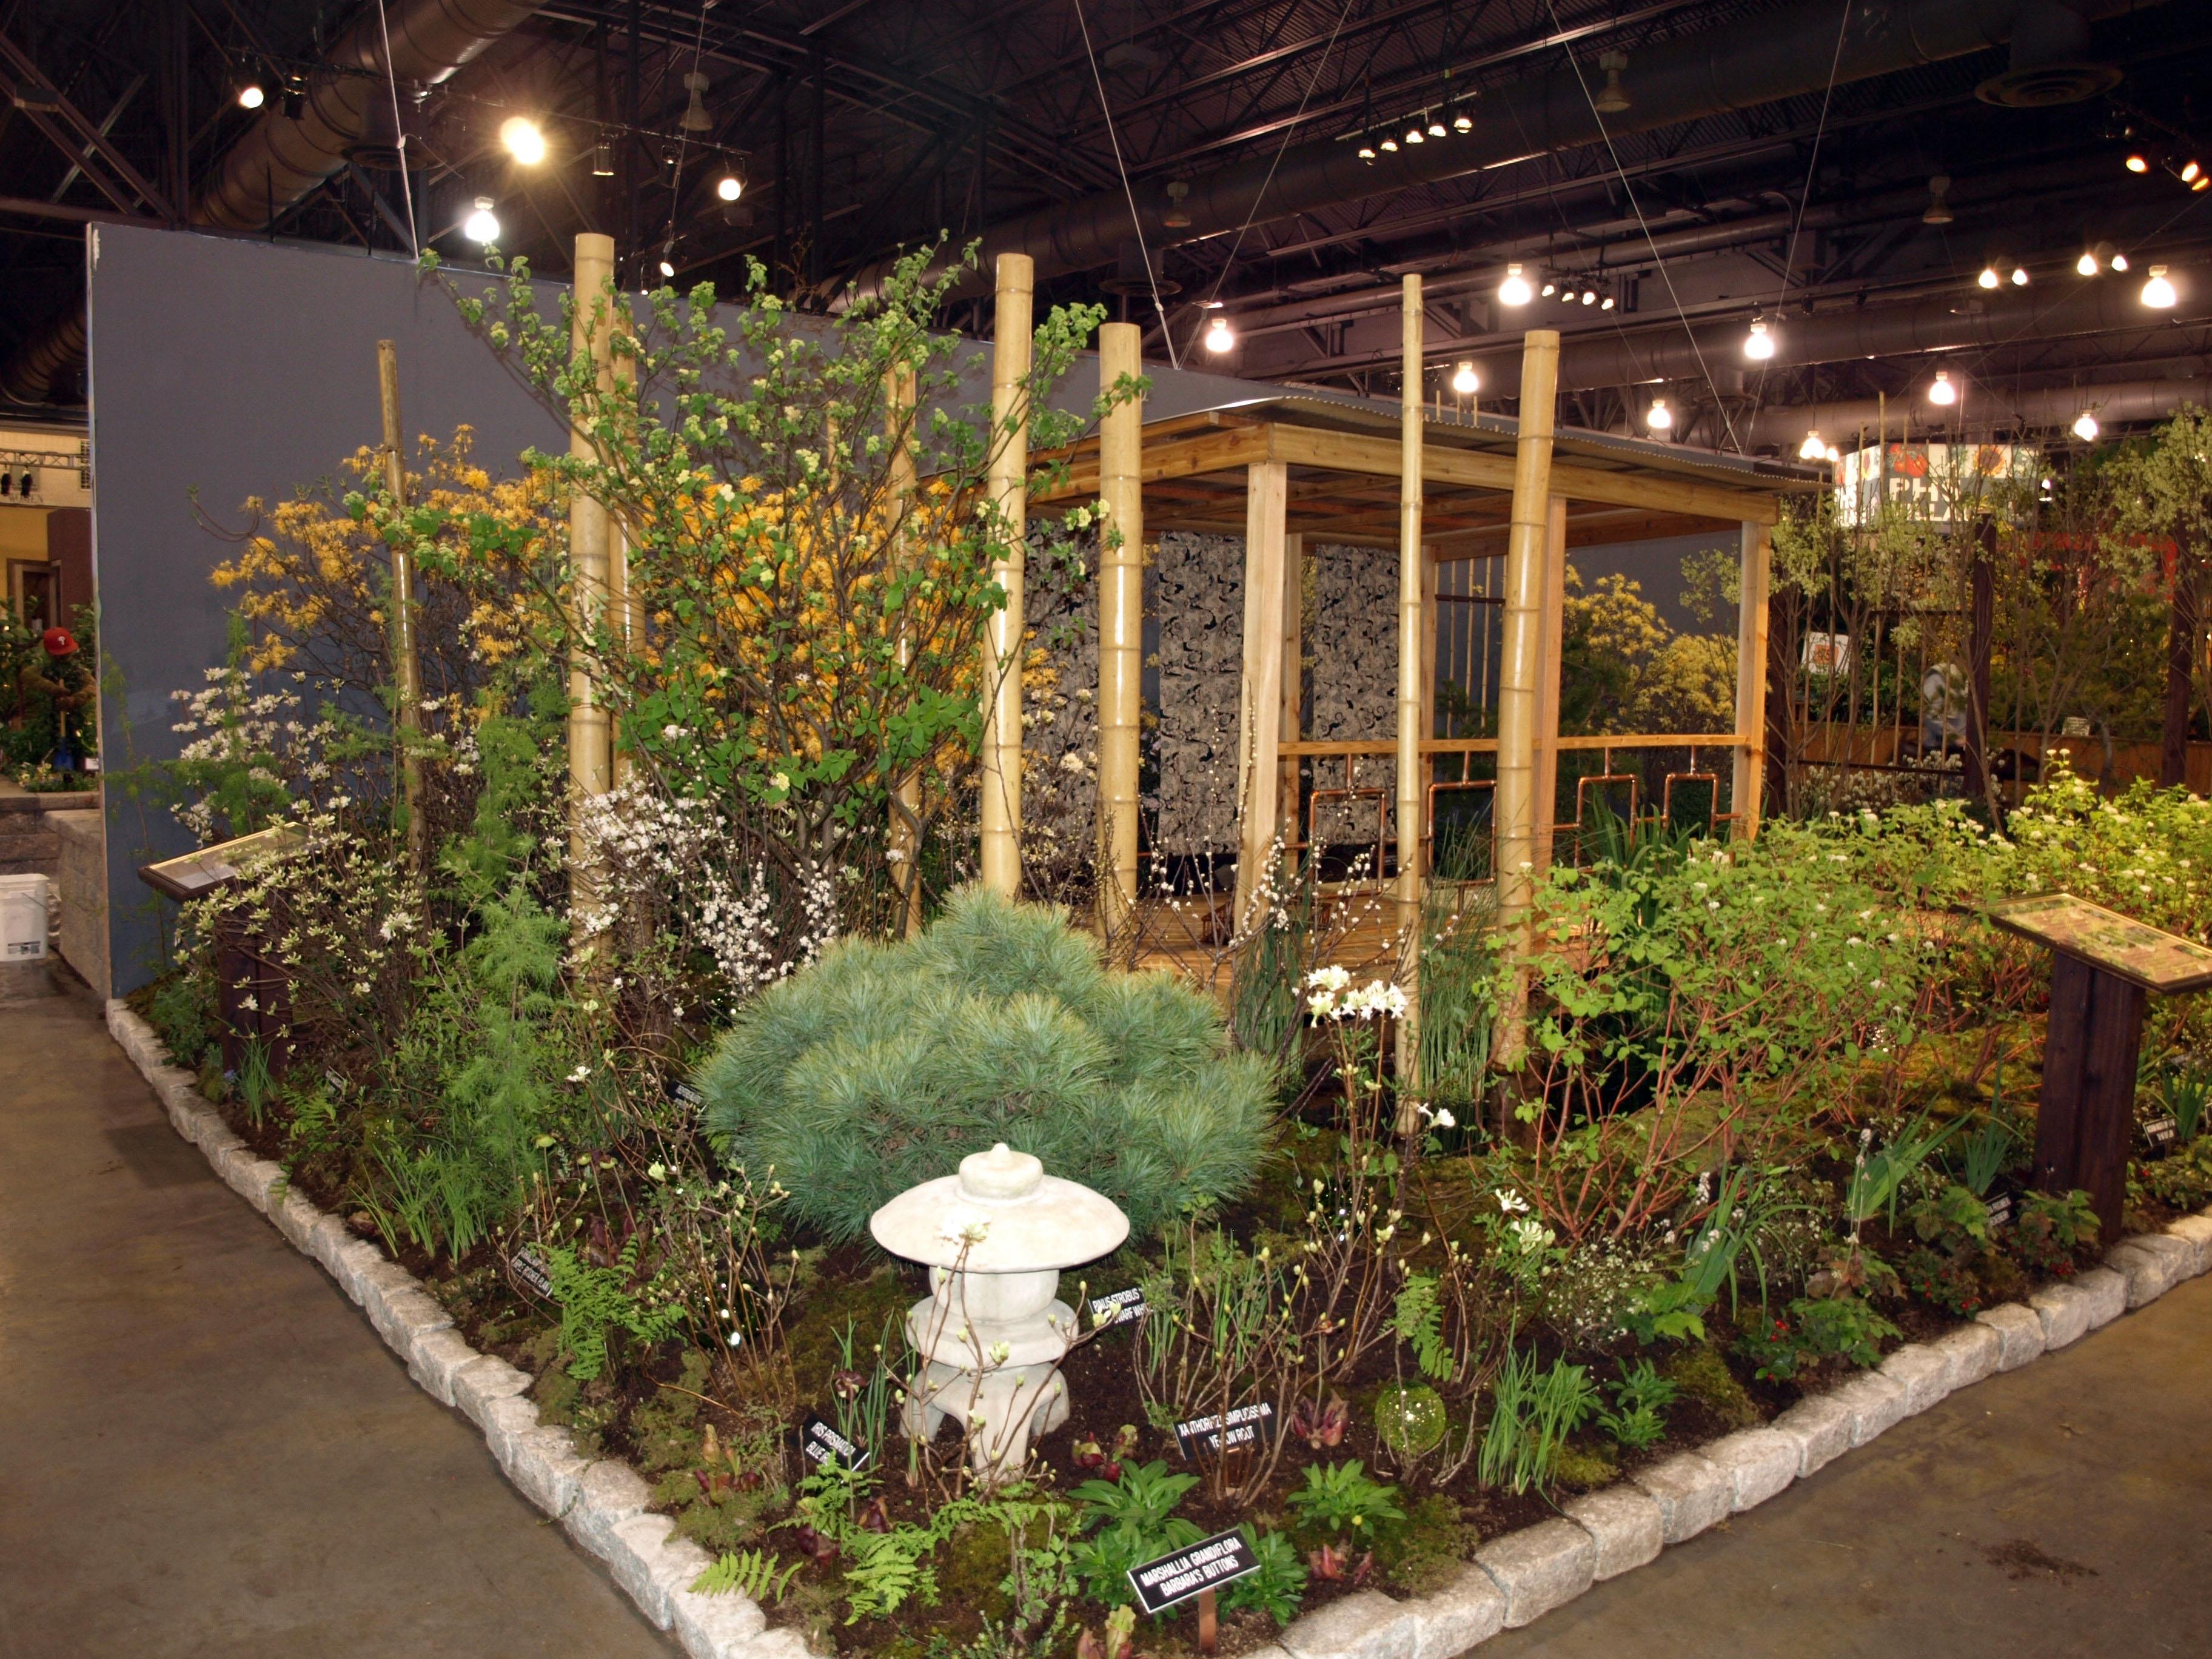 File:EPA\'s 2010 Philadelphia Flower Show Exhibit – left side ...